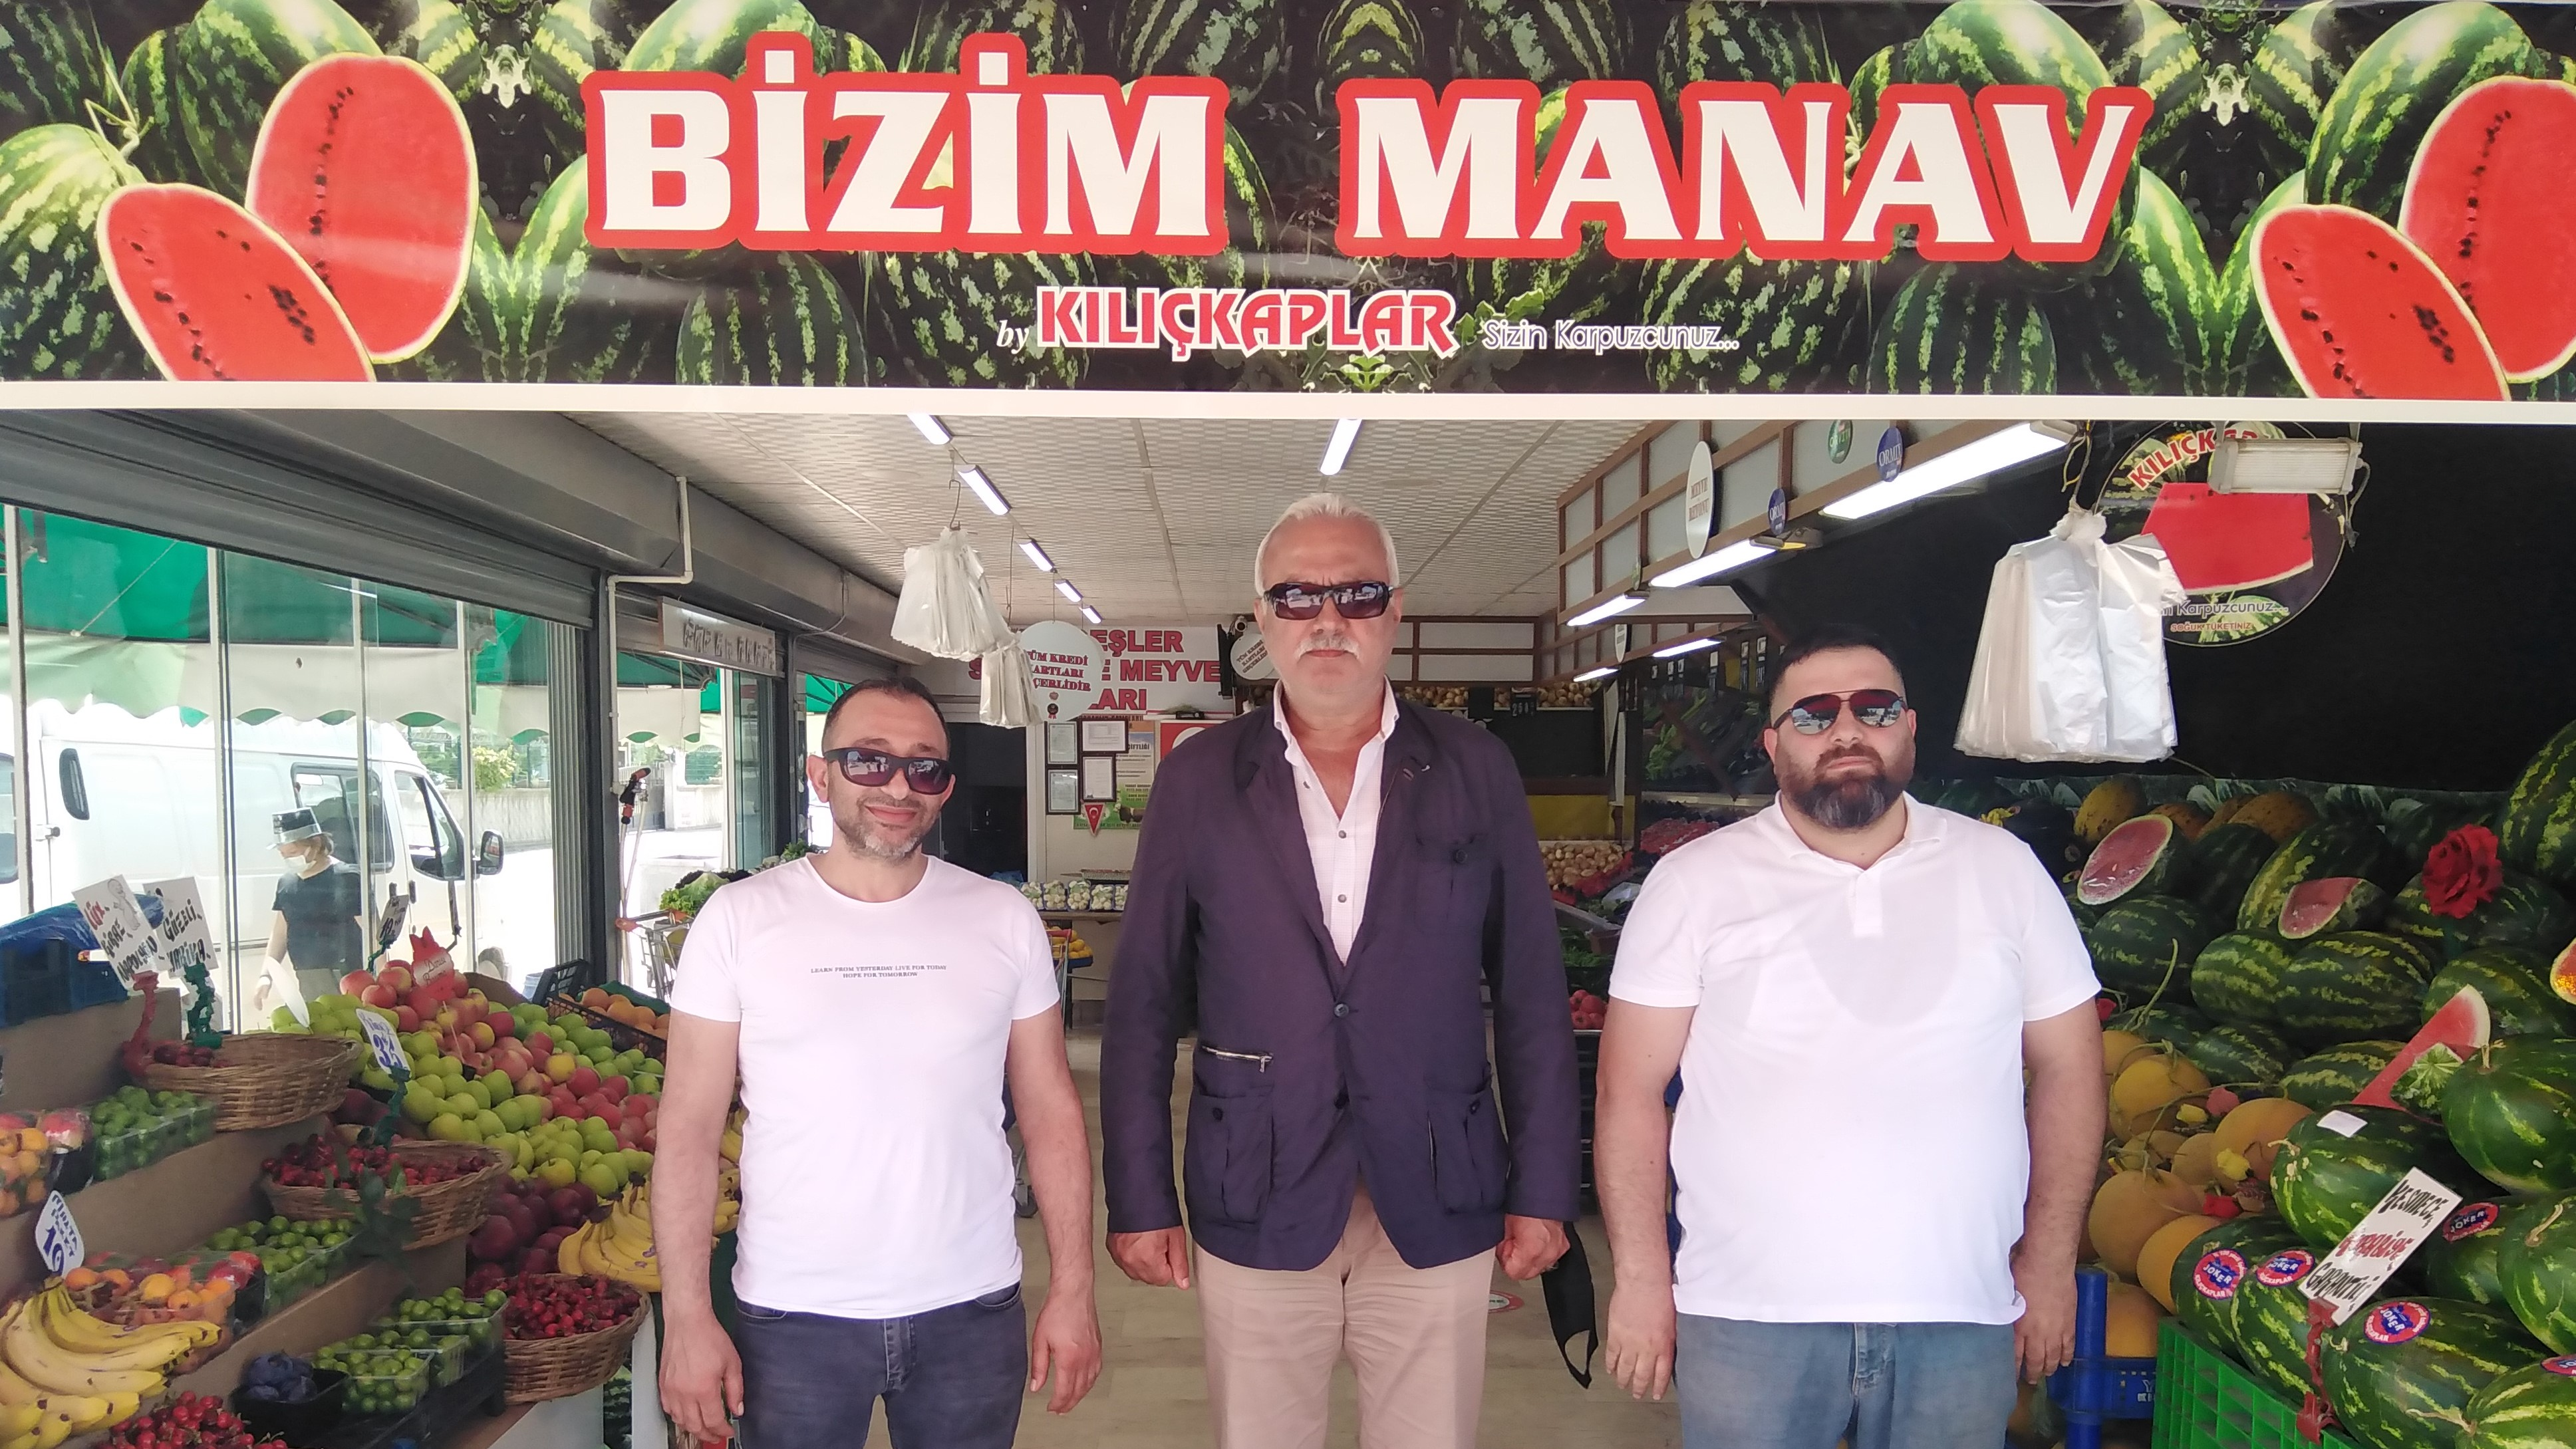 'Bizim Manav' ziyaretçi akınına uğruyor